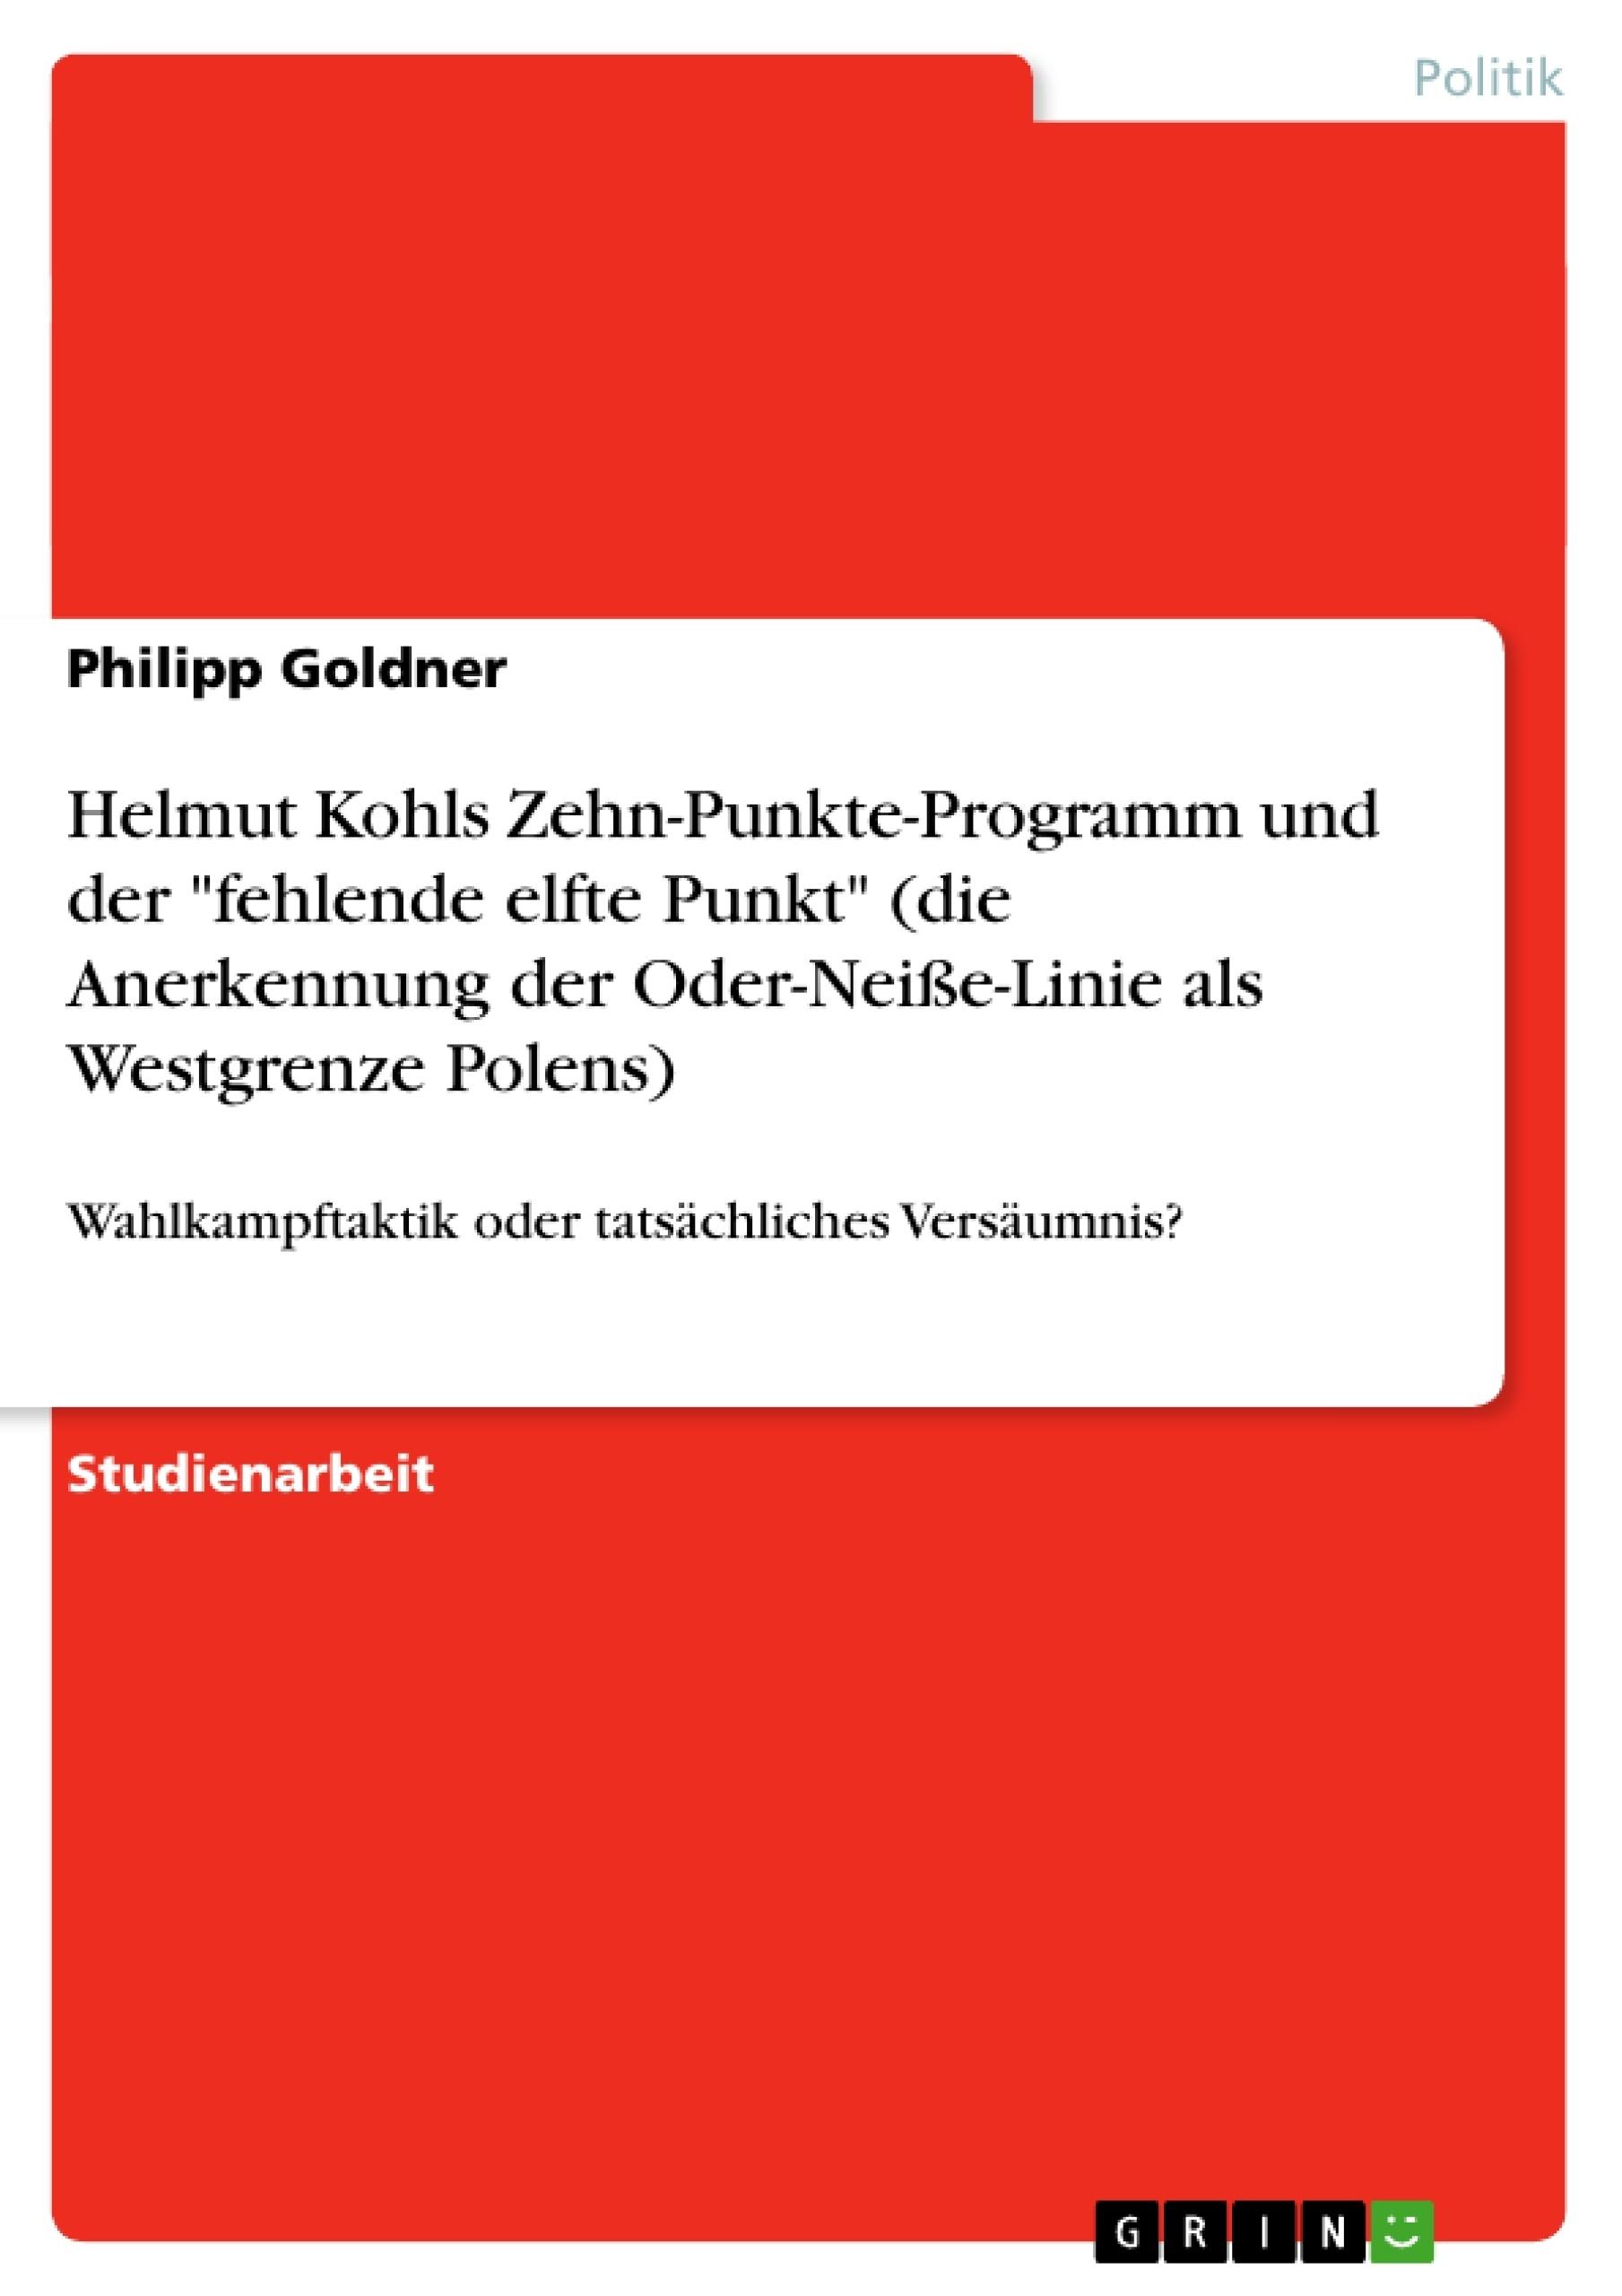 """Titel: Helmut Kohls Zehn-Punkte-Programm und der """"fehlende elfte Punkt"""" (die Anerkennung der Oder-Neiße-Linie als Westgrenze Polens)"""